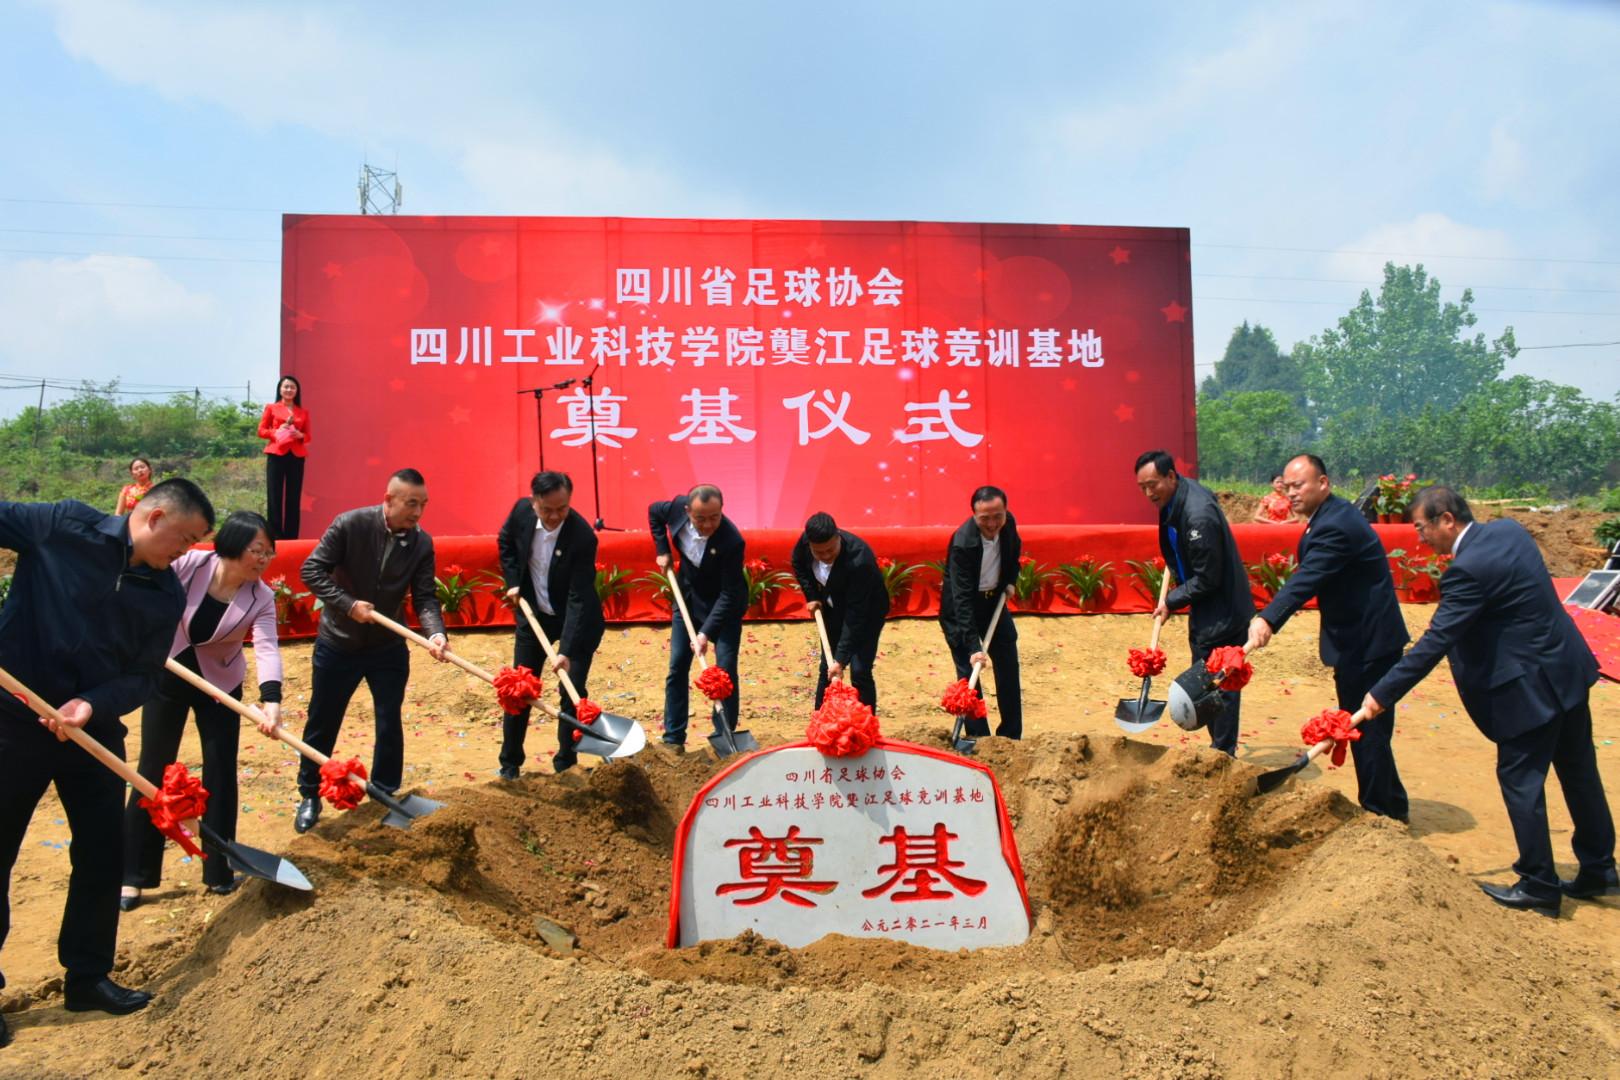 四川省足球协会、四川工业科技学院携手共建足球竞训基地